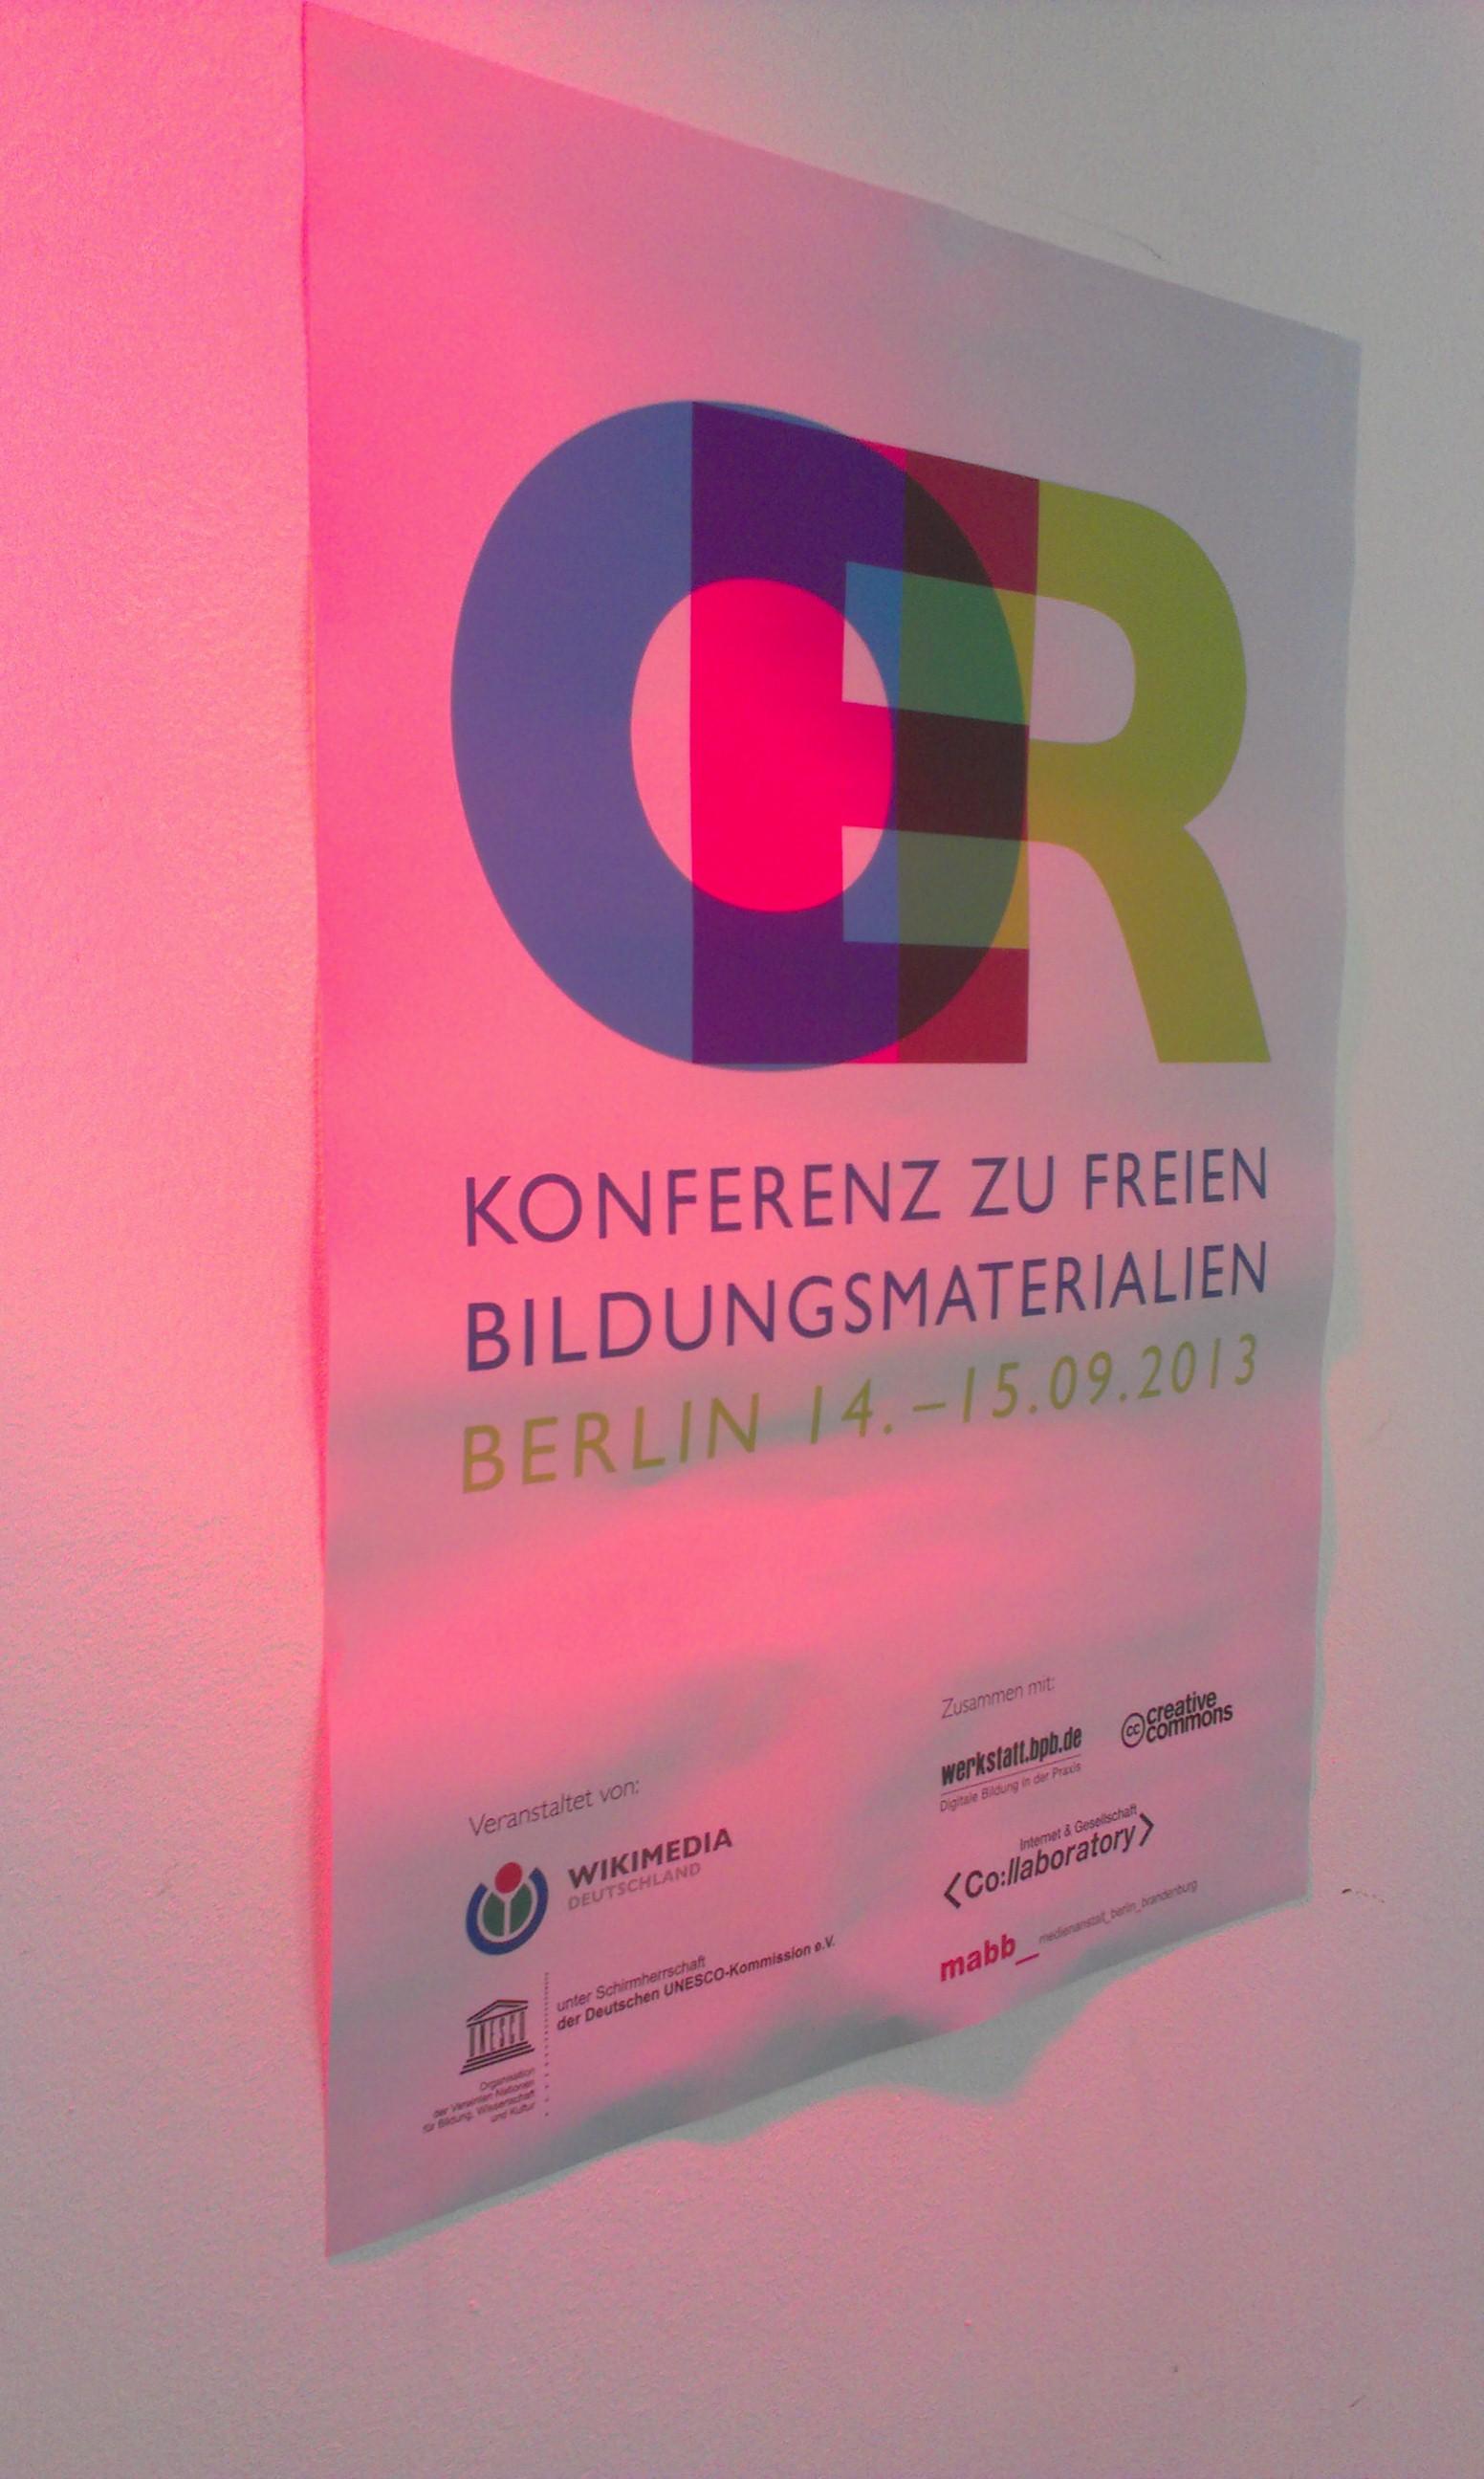 OER2013-Poster